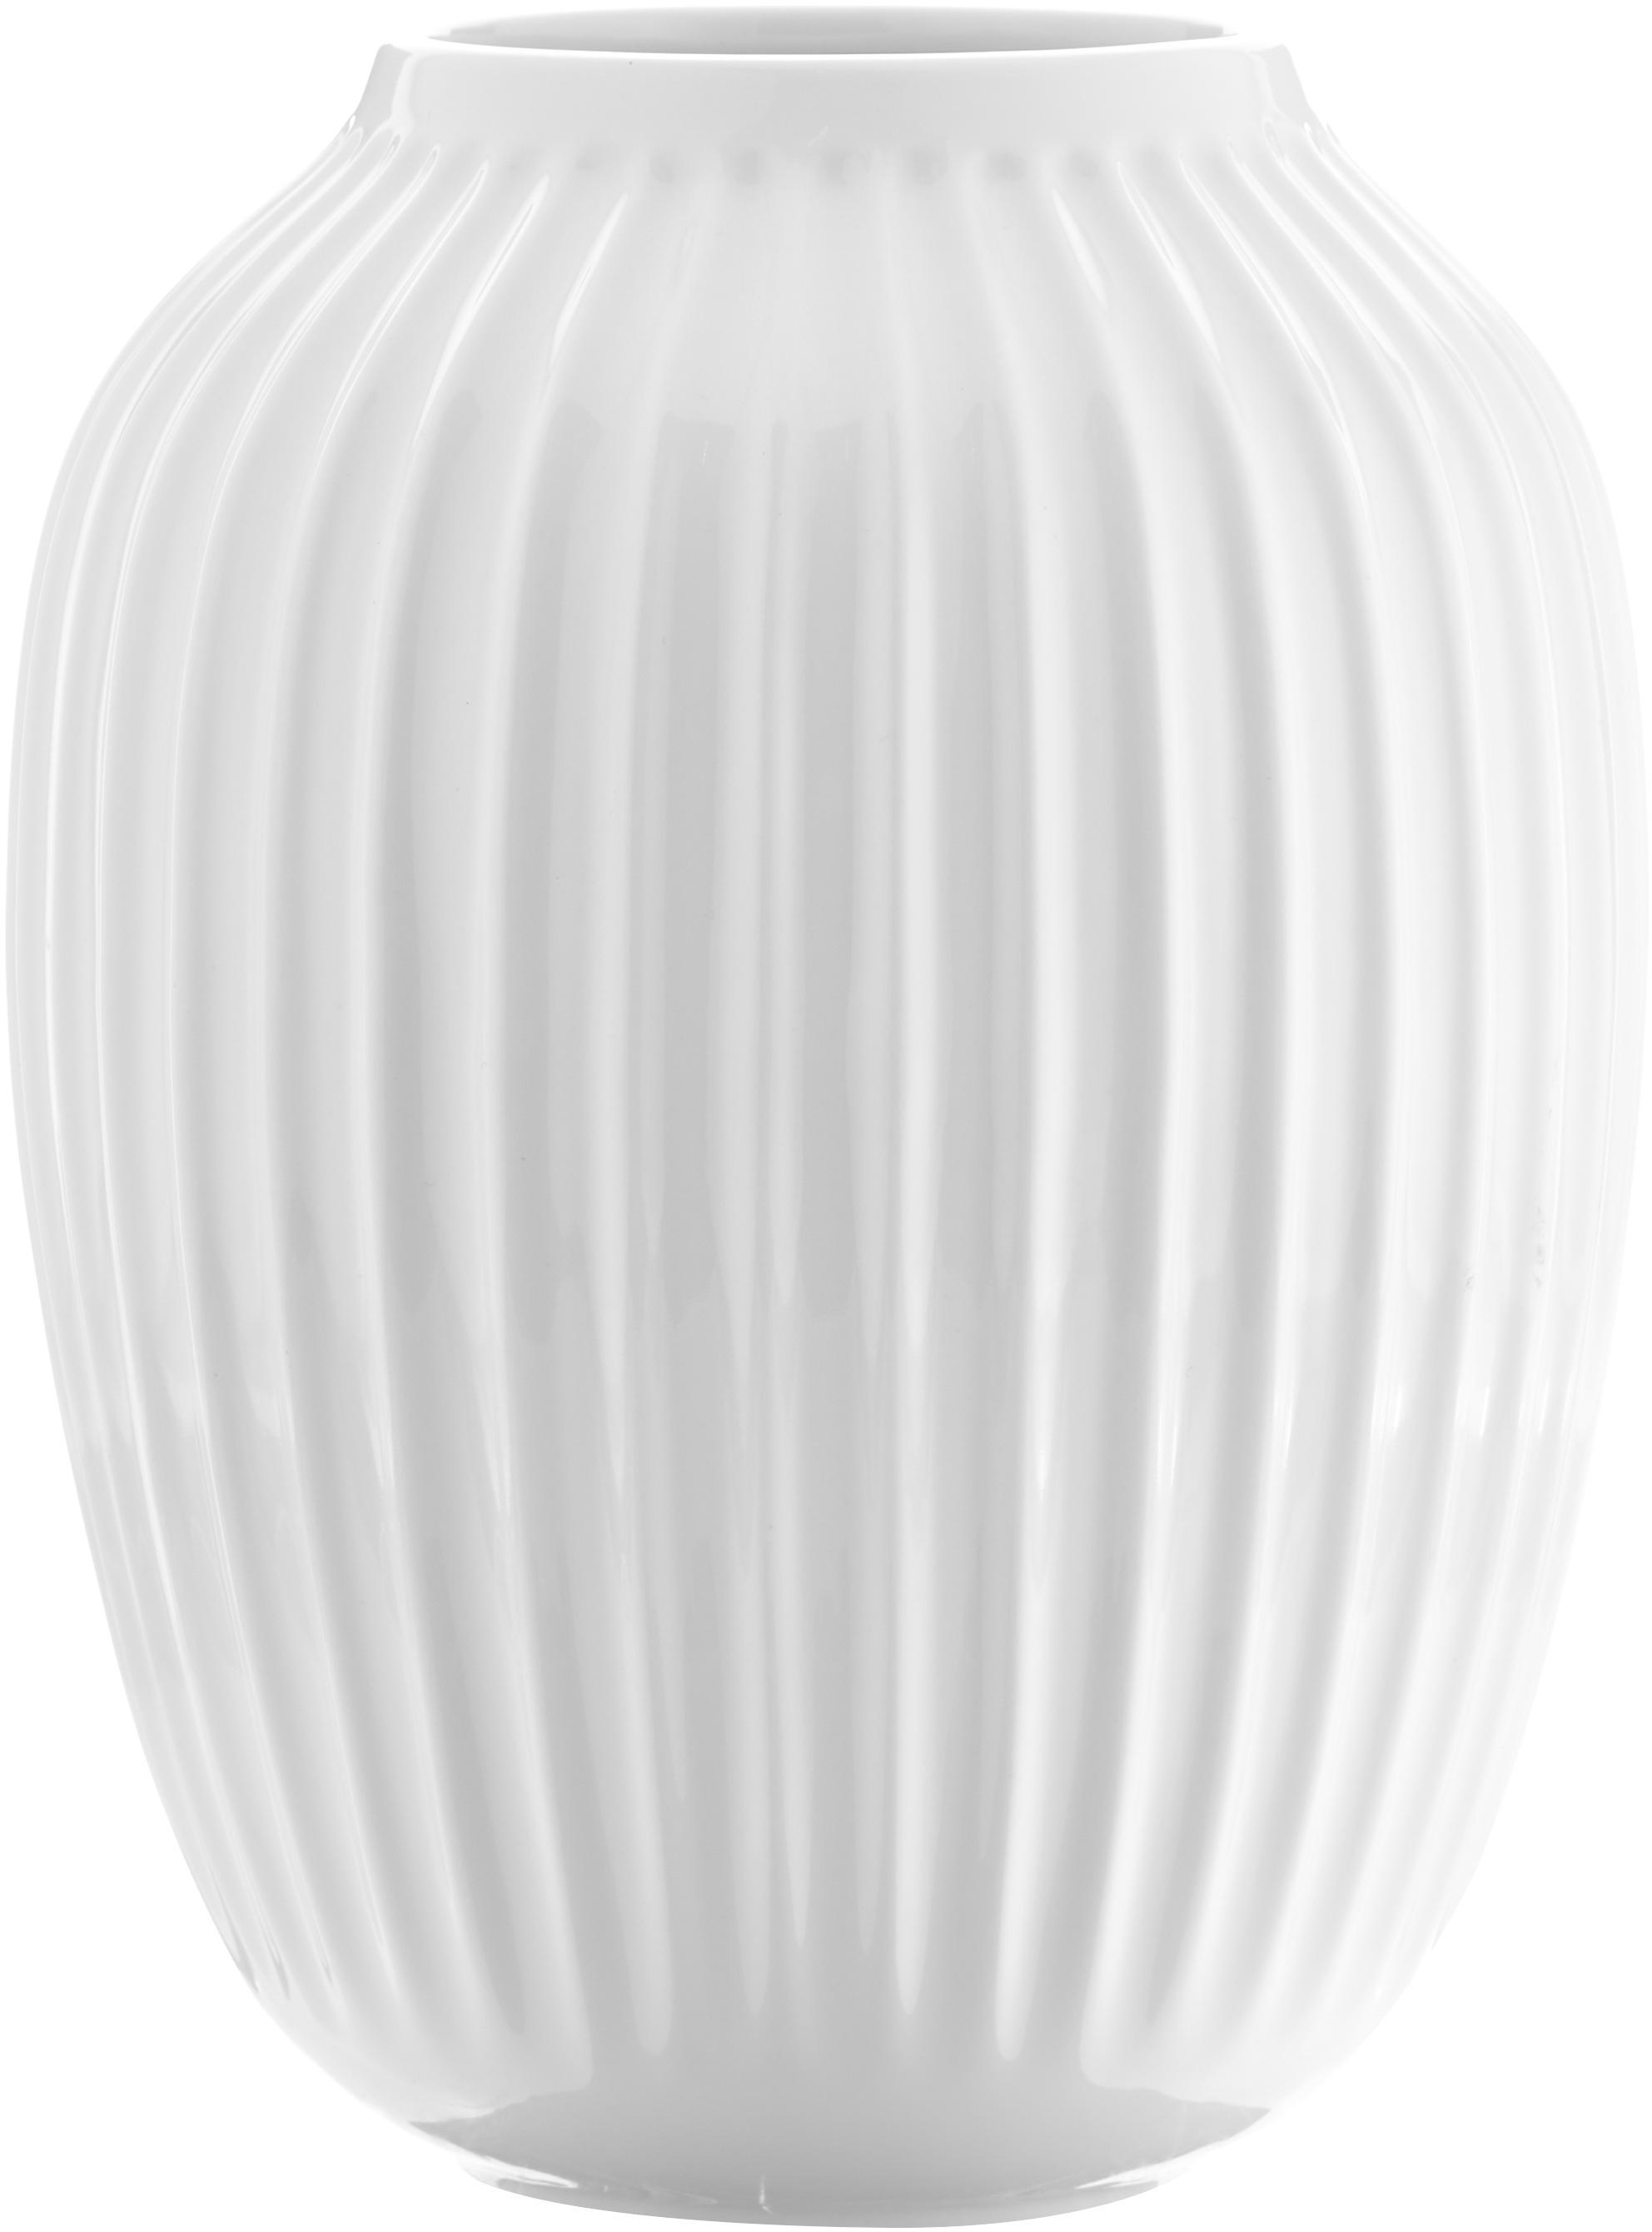 Handgefertigte Design-Vase Hammershøi, Porzellan, Weiß, Ø 20 x H 25 cm